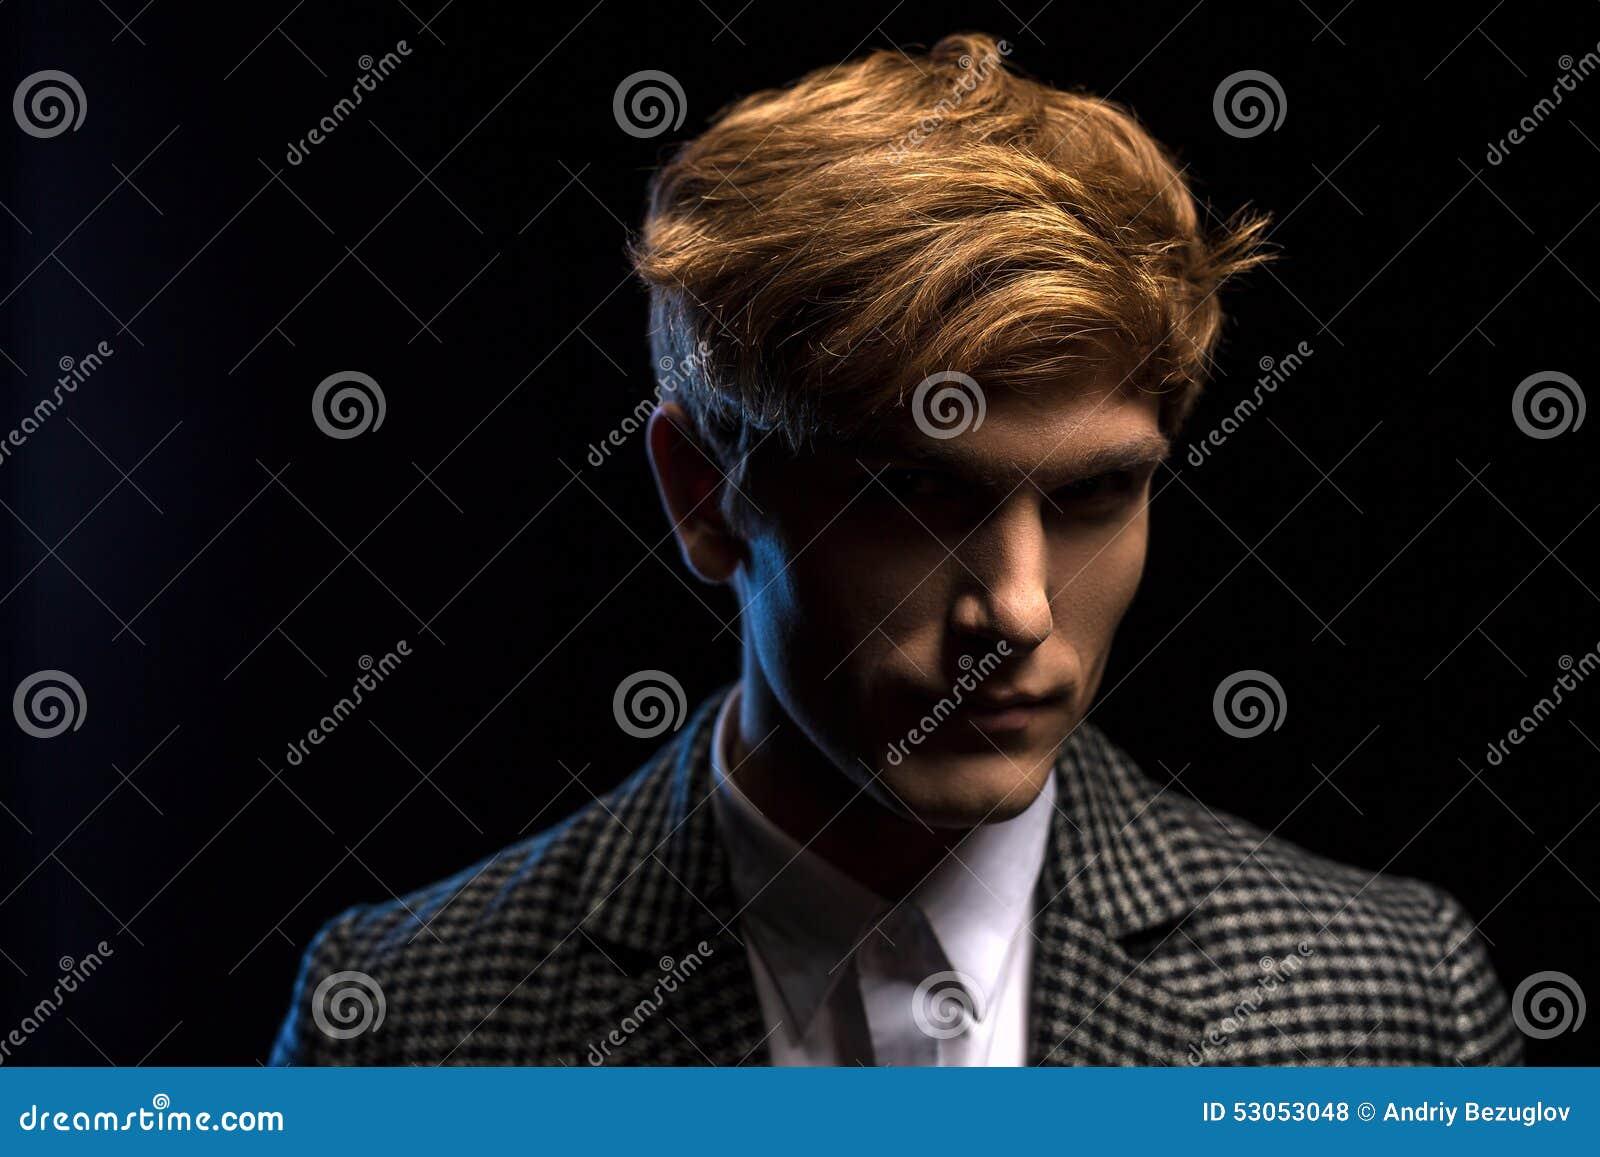 Retrato do indivíduo considerável ruivo em um preto